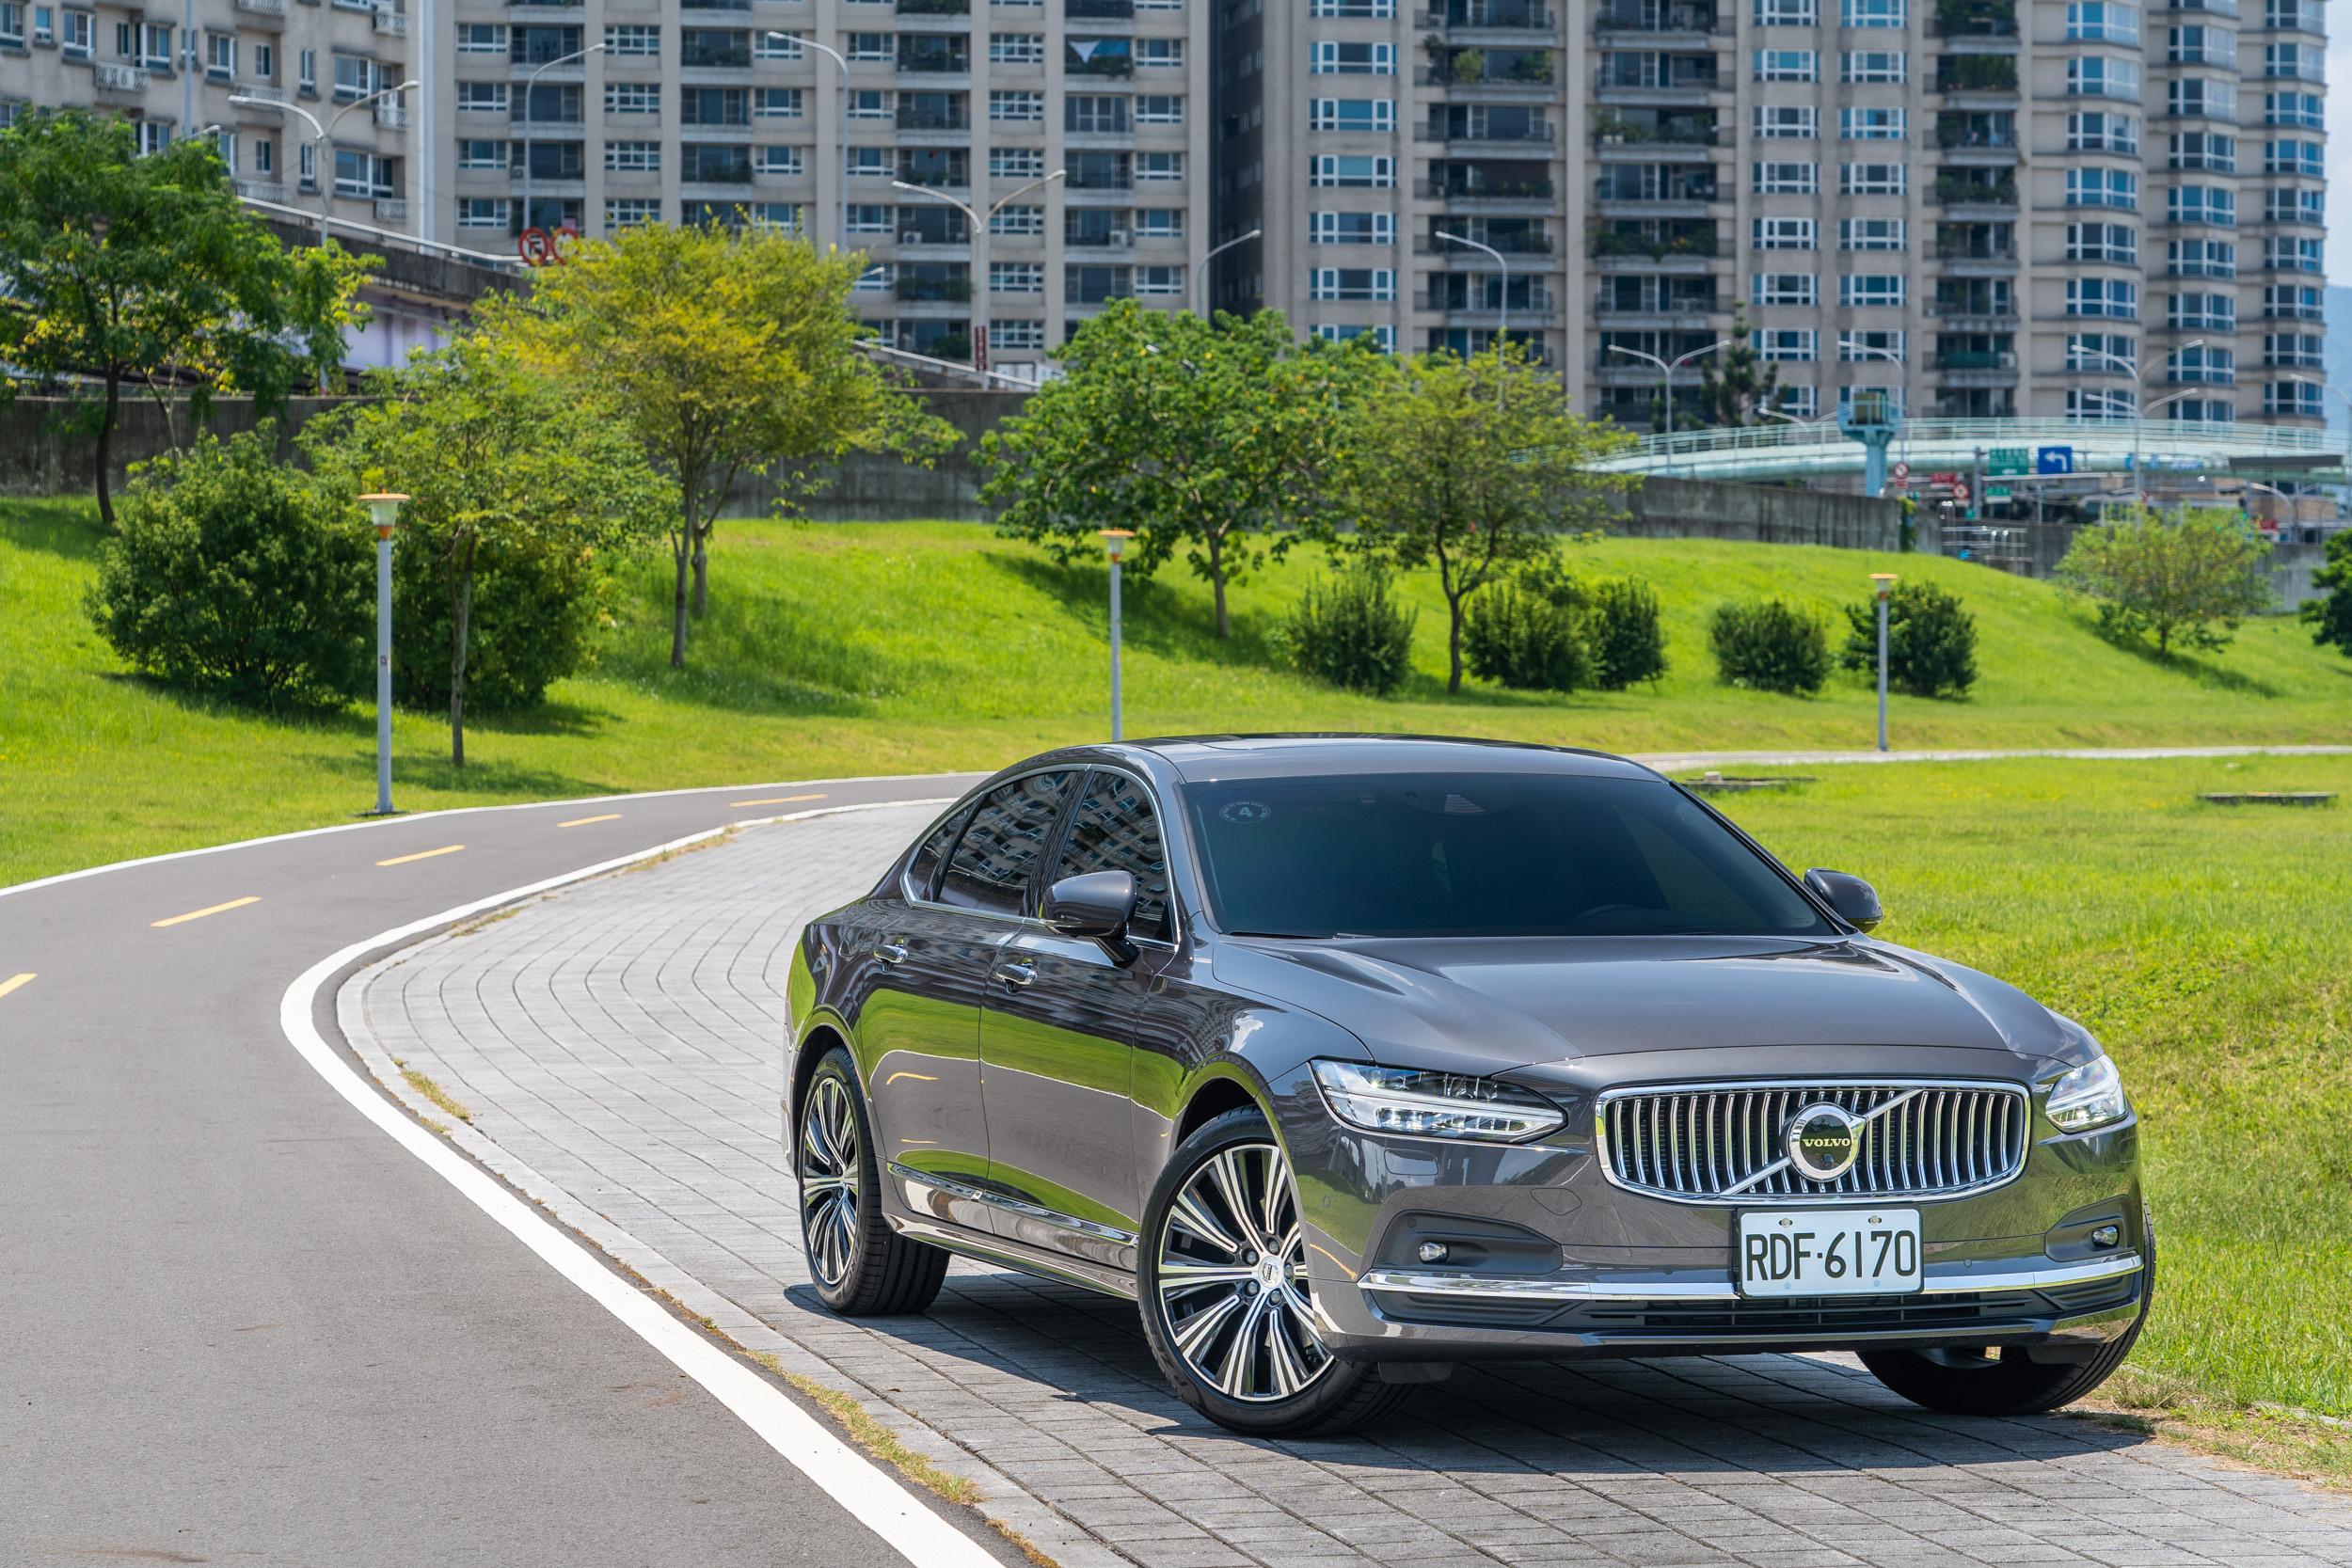 試駕車款為 Volvo S90 B4 Inscription,售價為新台幣 270 萬,現推出現金優惠價 229 萬元。